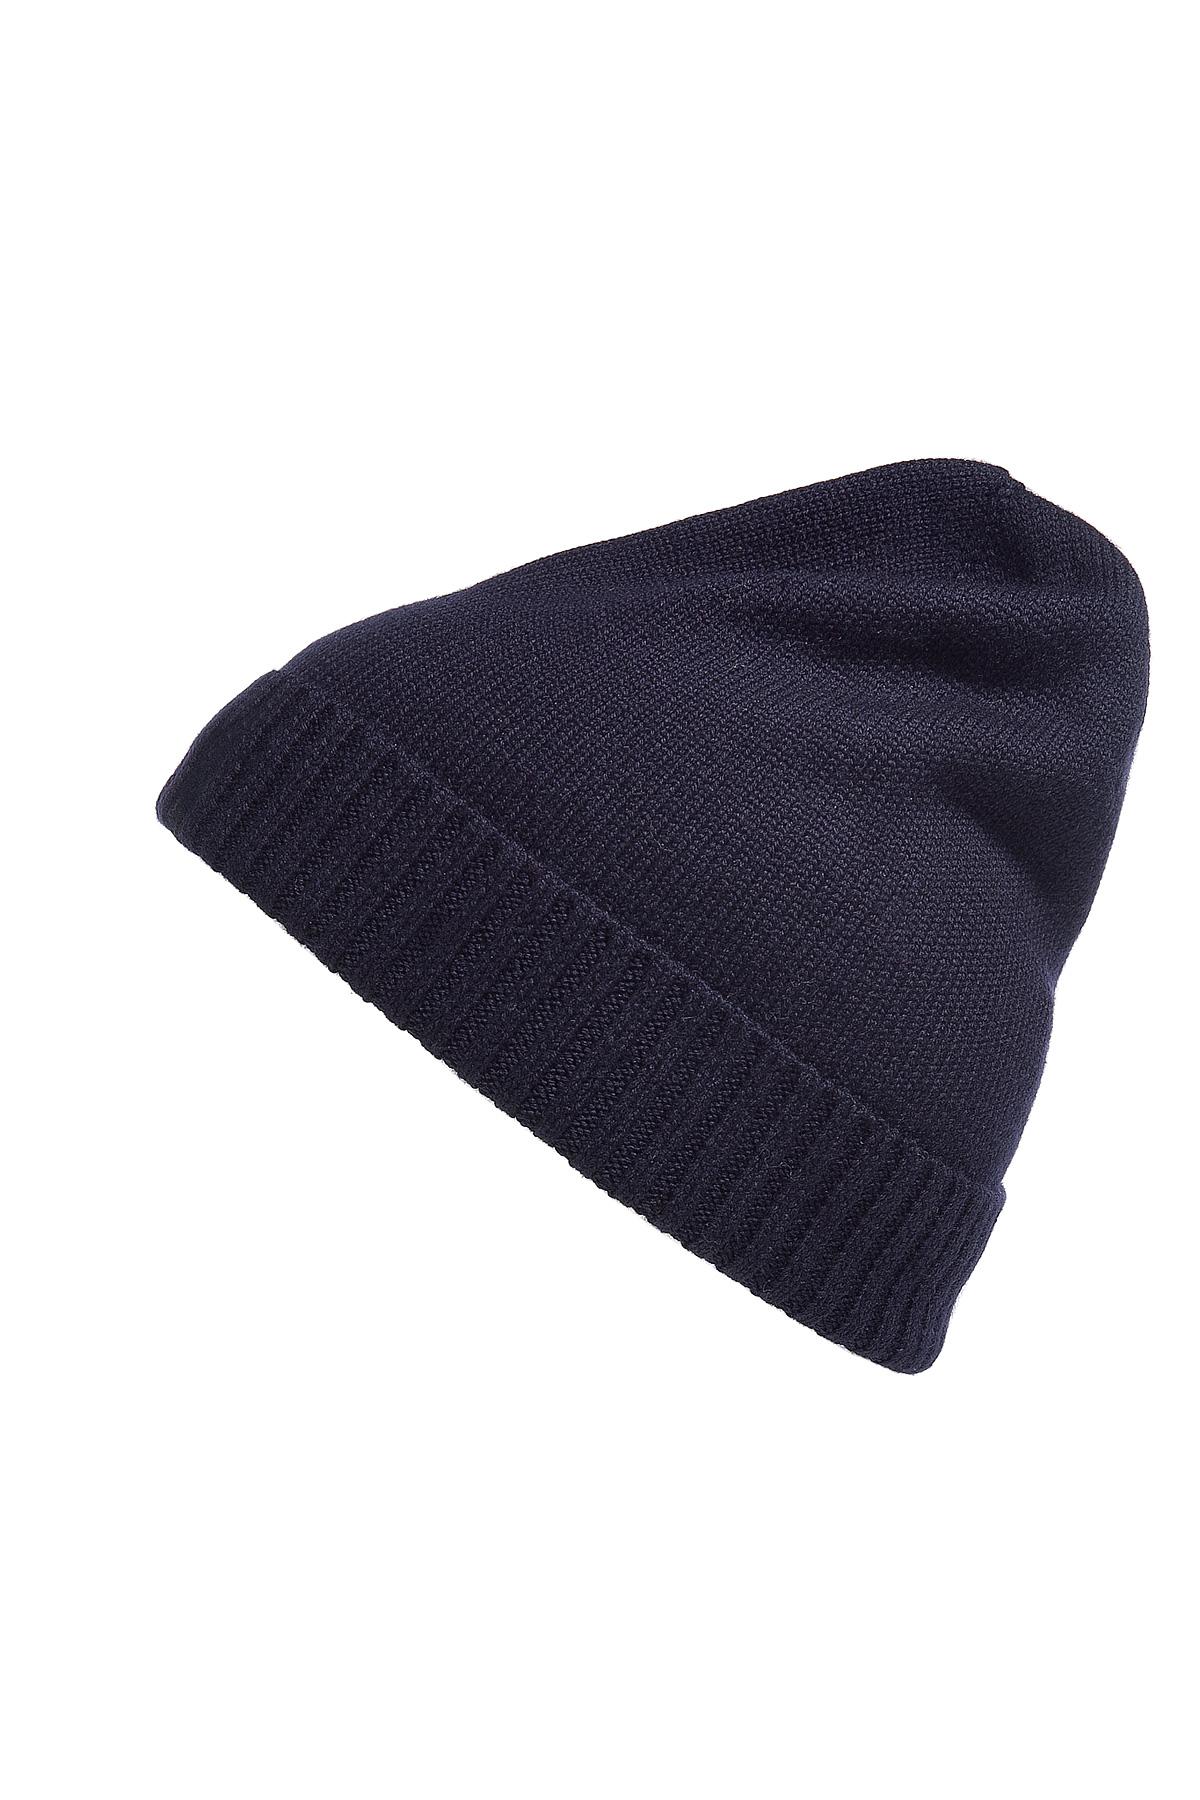 Lyst - Polo Ralph Lauren Hunter Navy Merino Wool Fold Up Cap in Blue ... 42d4e63cf7d